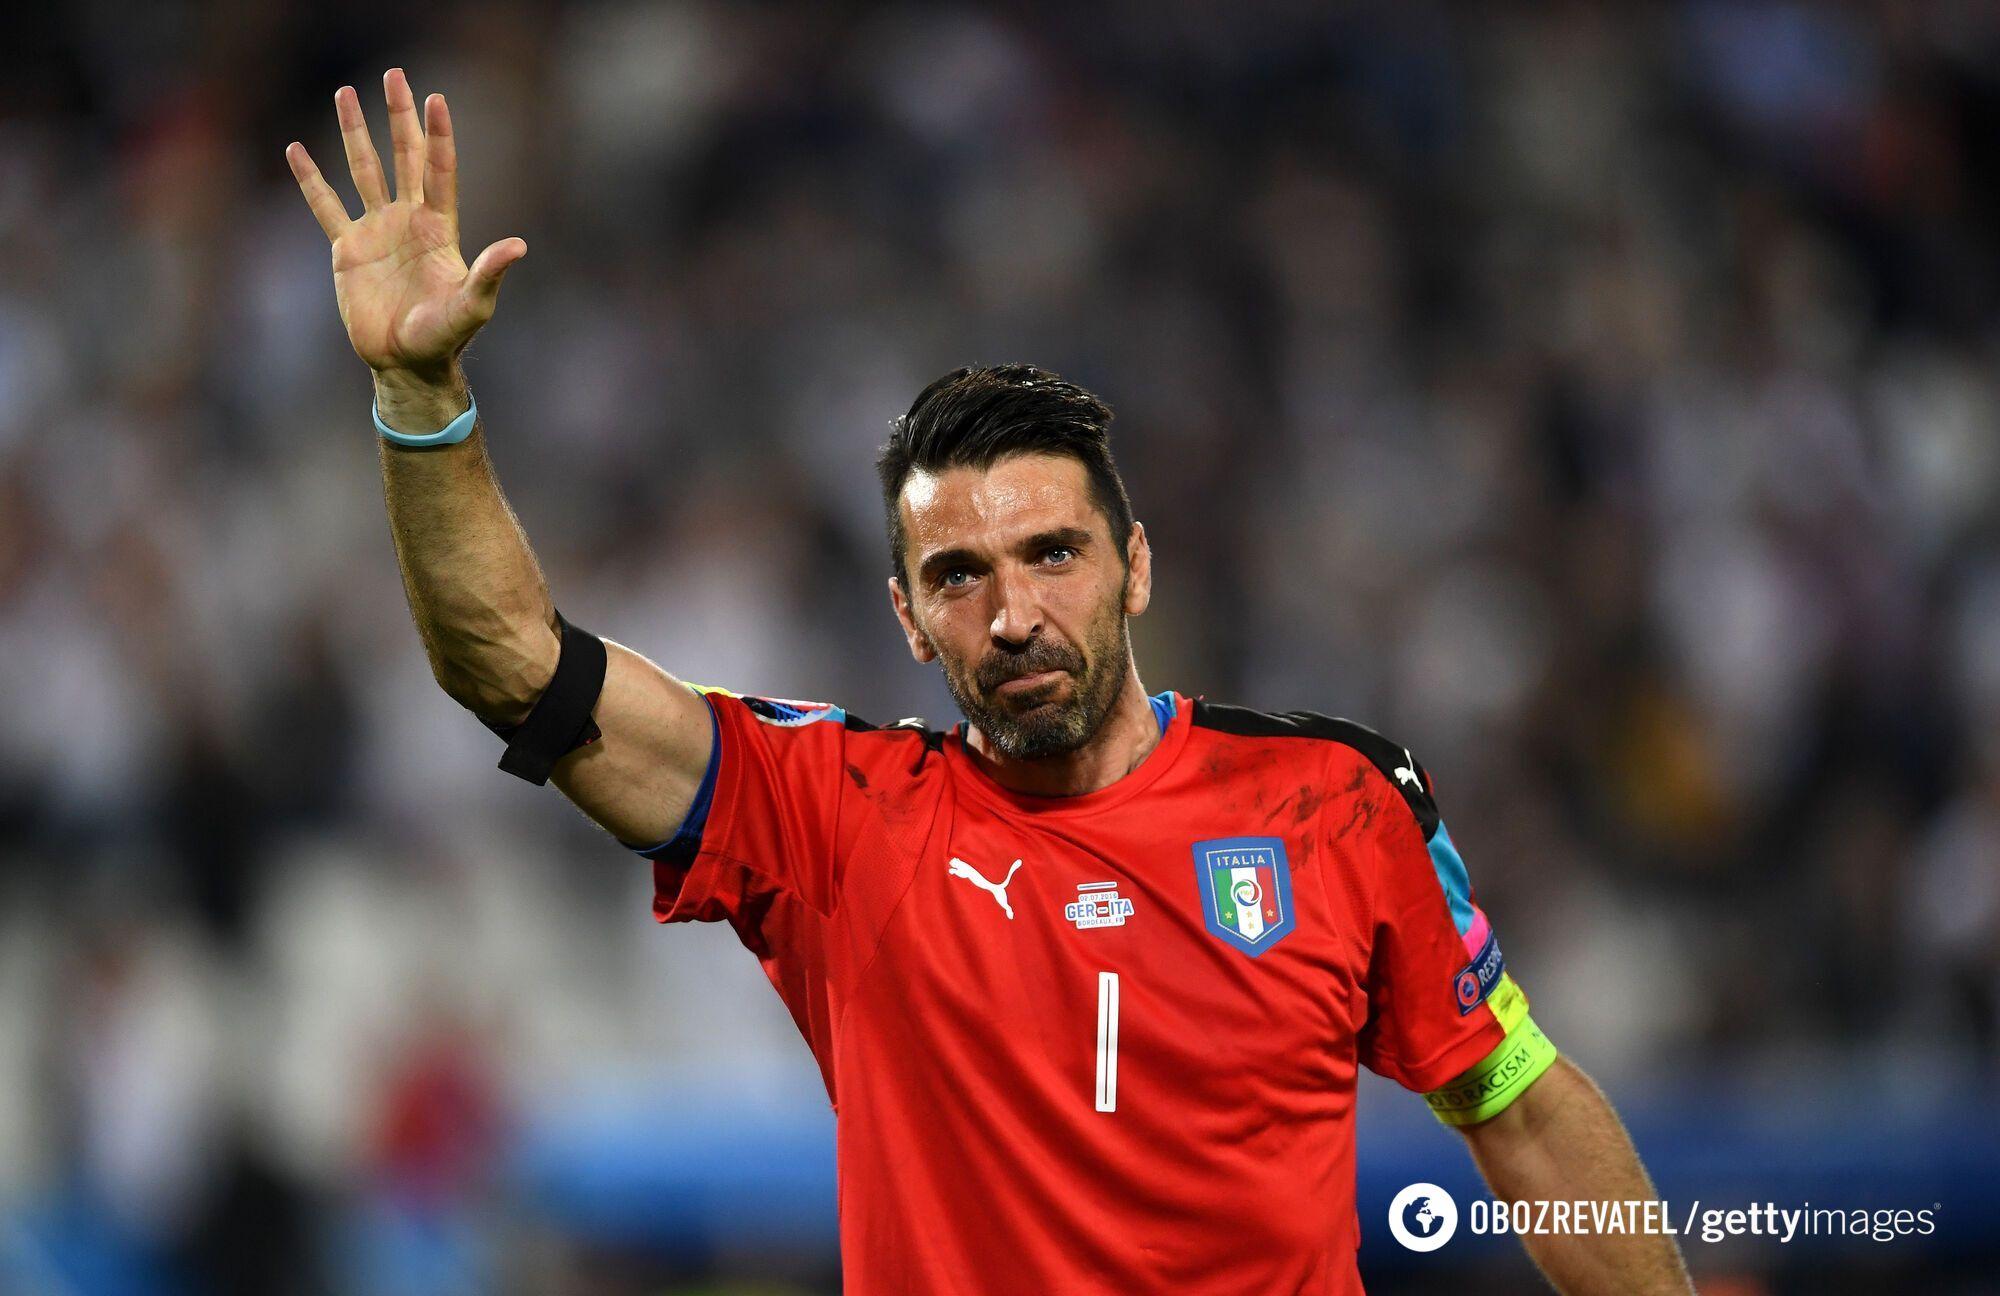 Джанлуиджи Буффон в составе сборной Италии